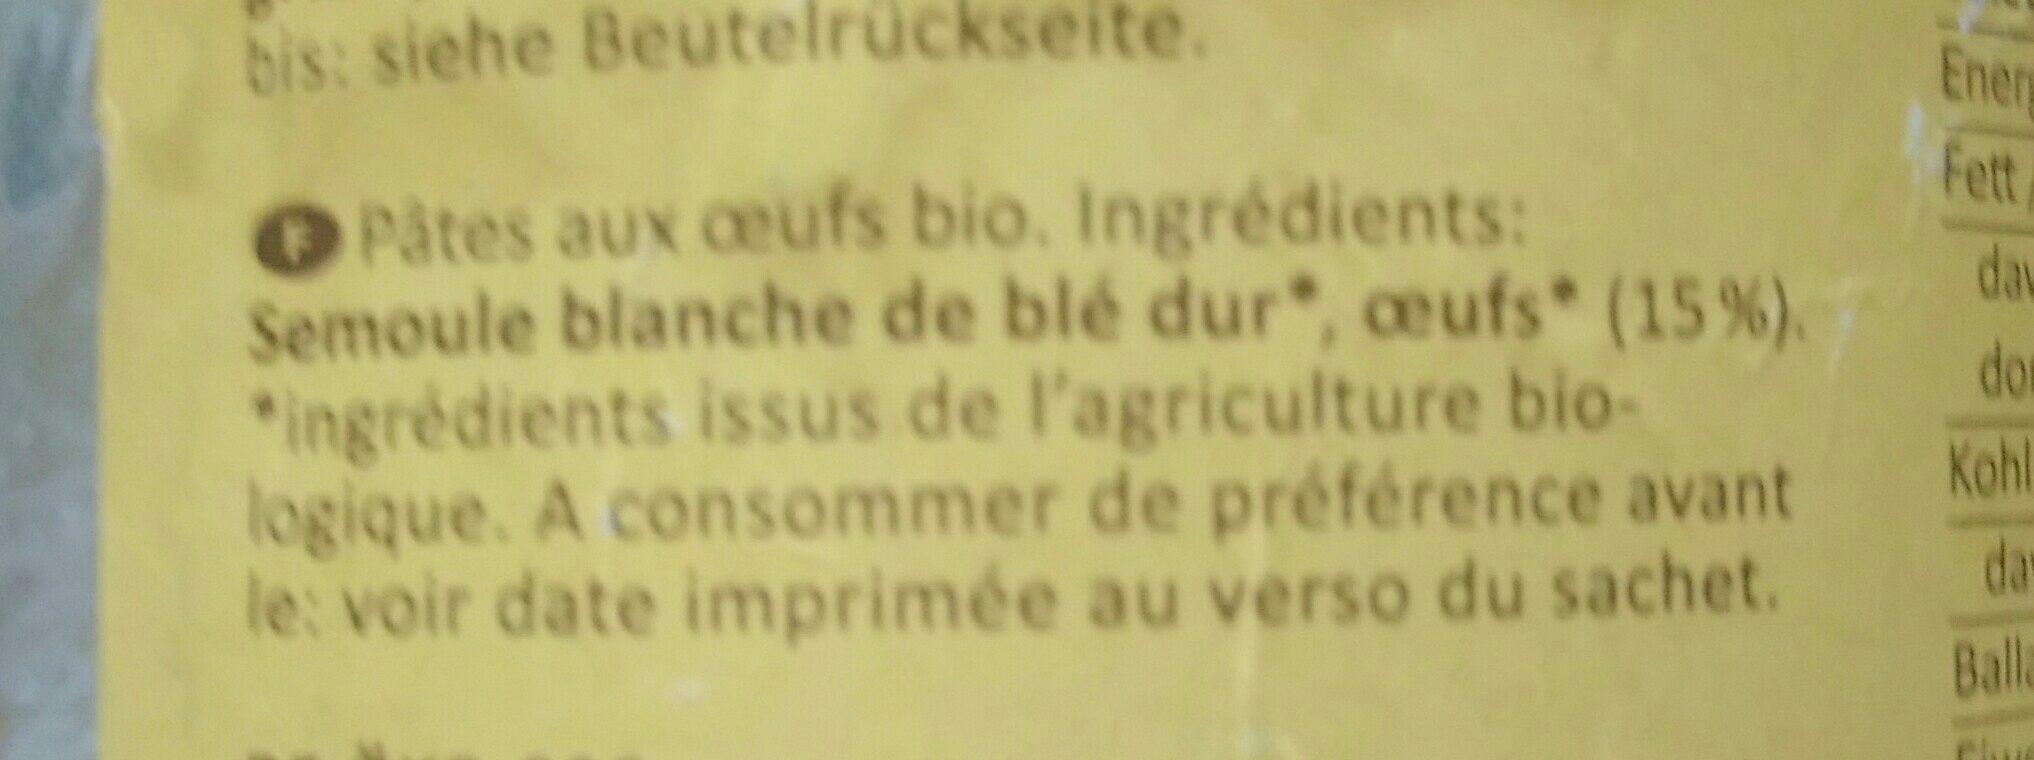 Pâtes aux œufs bio - Ingrédients